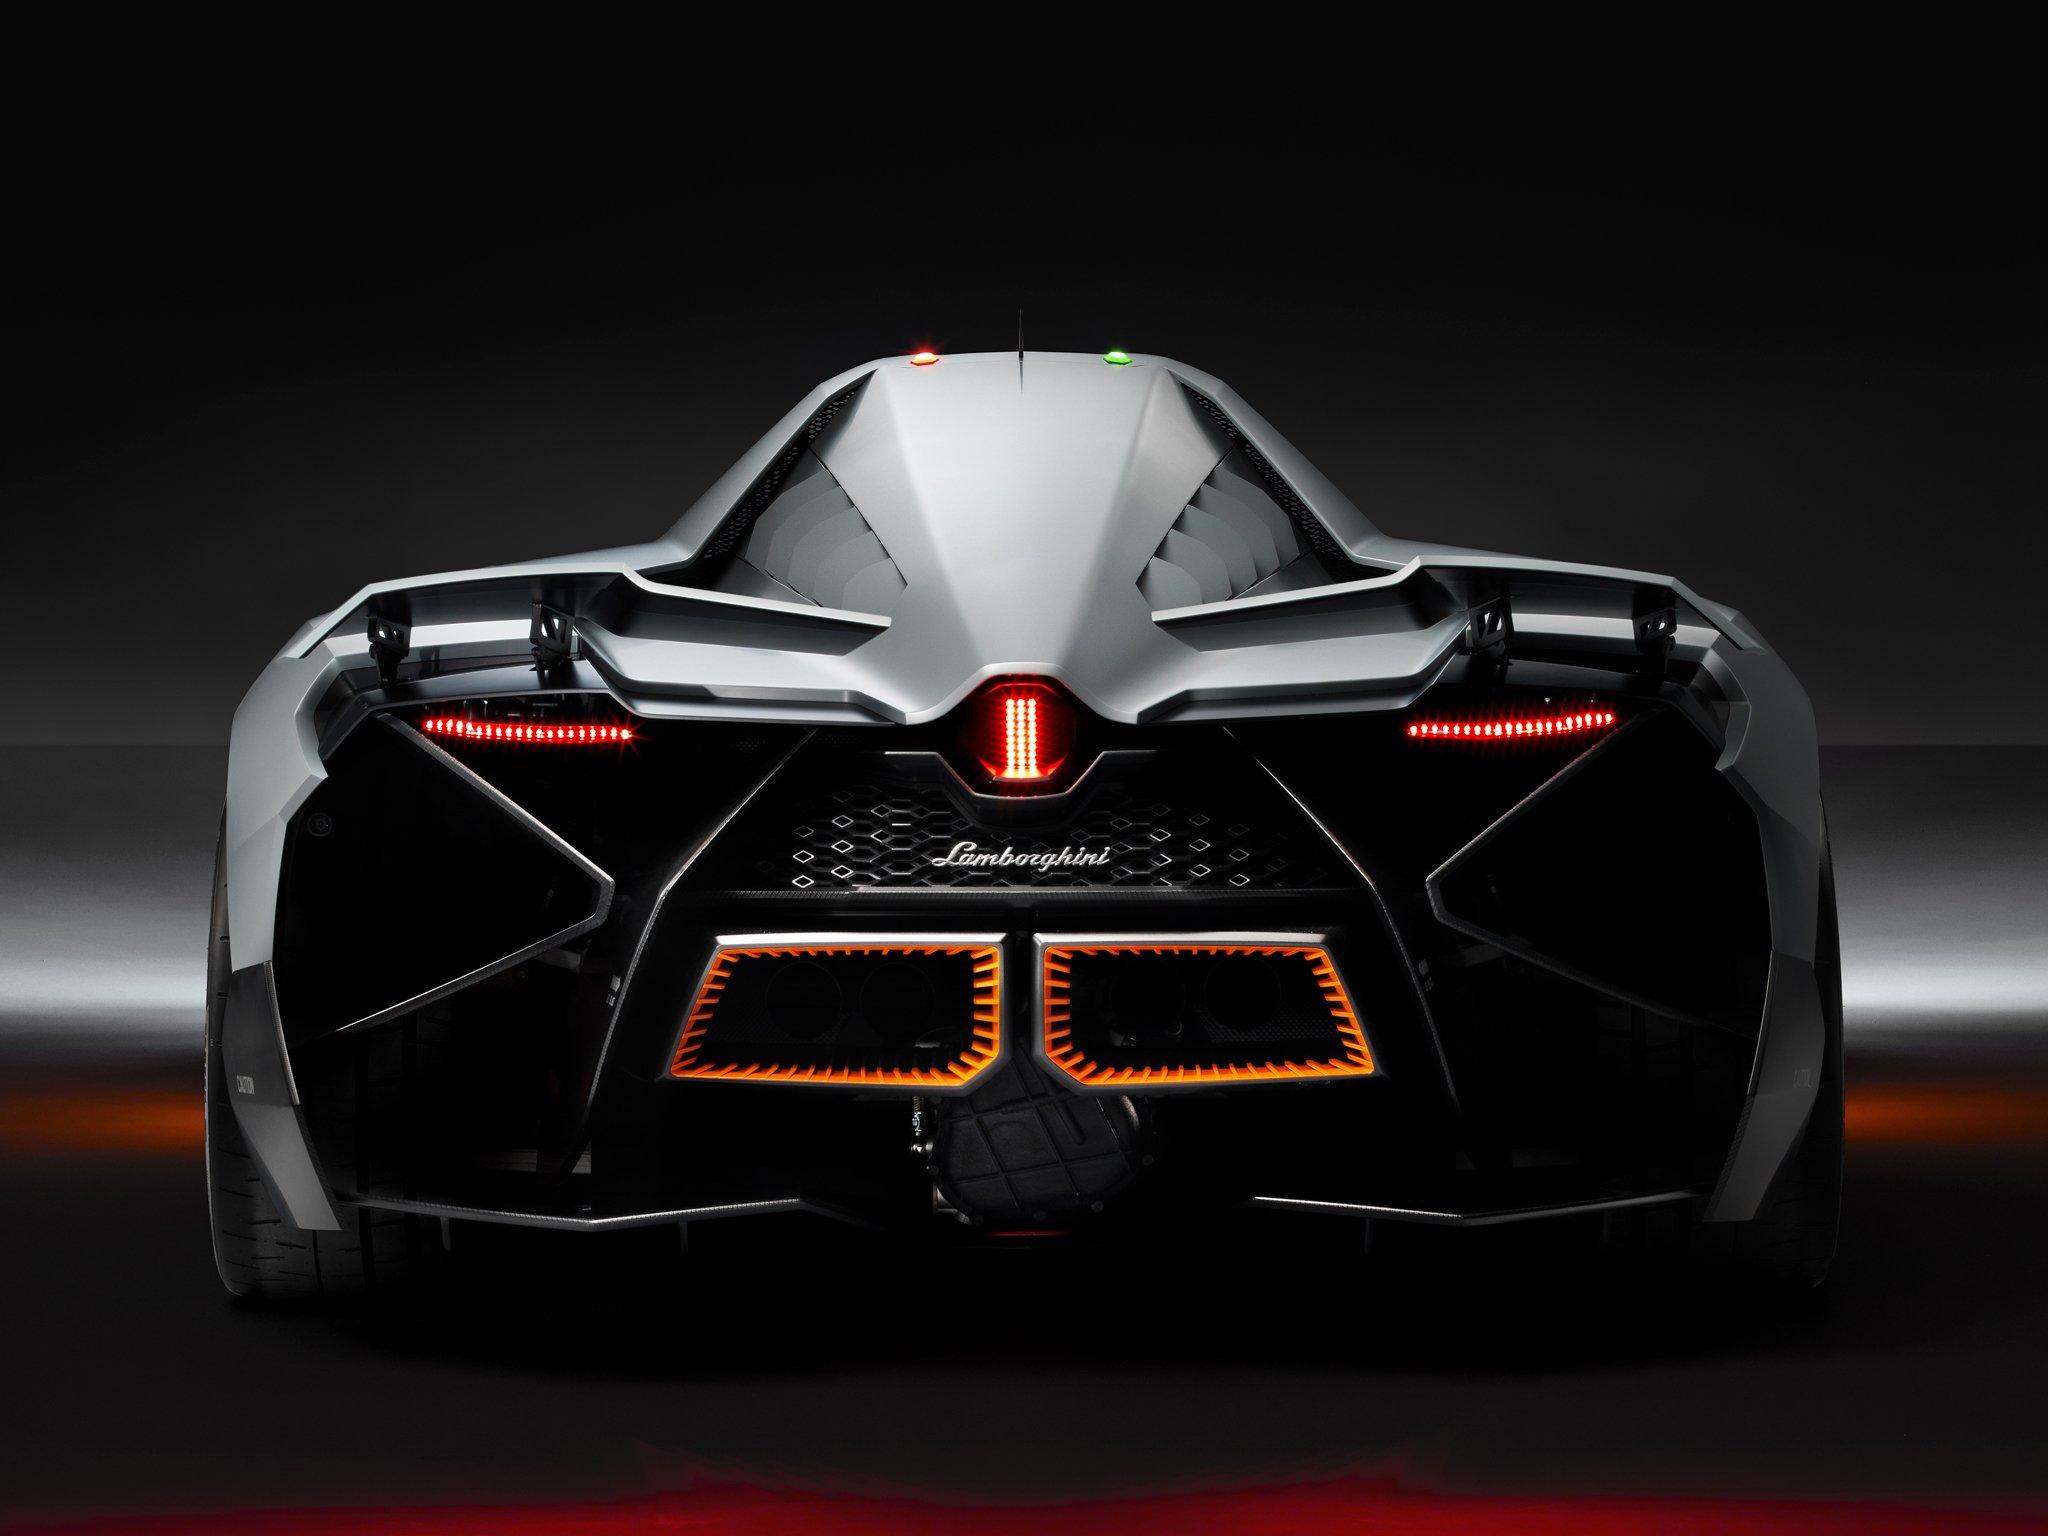 2013 Lamborghini Egoista Concept supercar wallpaper ...